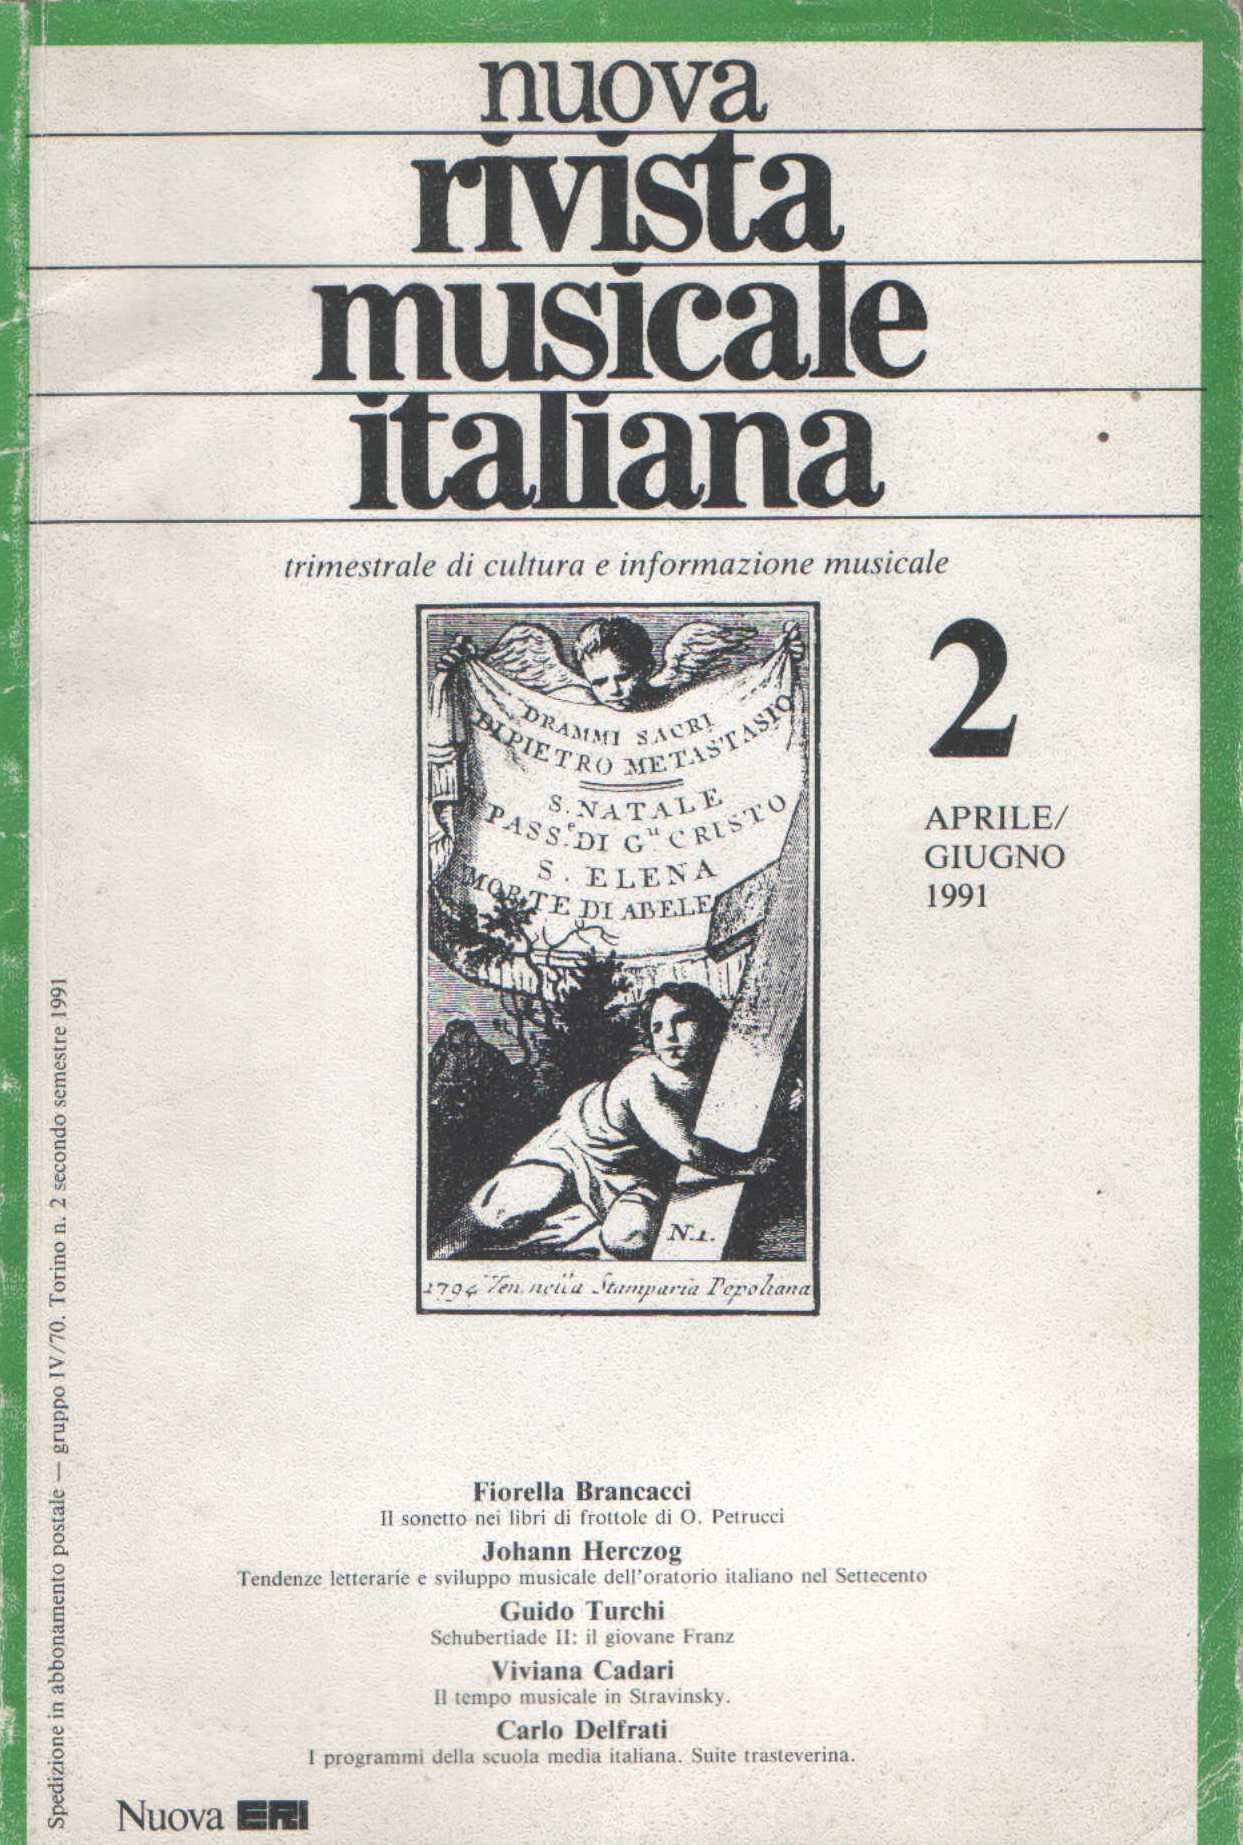 Nuova rivista musicale italiana - n.2/1991